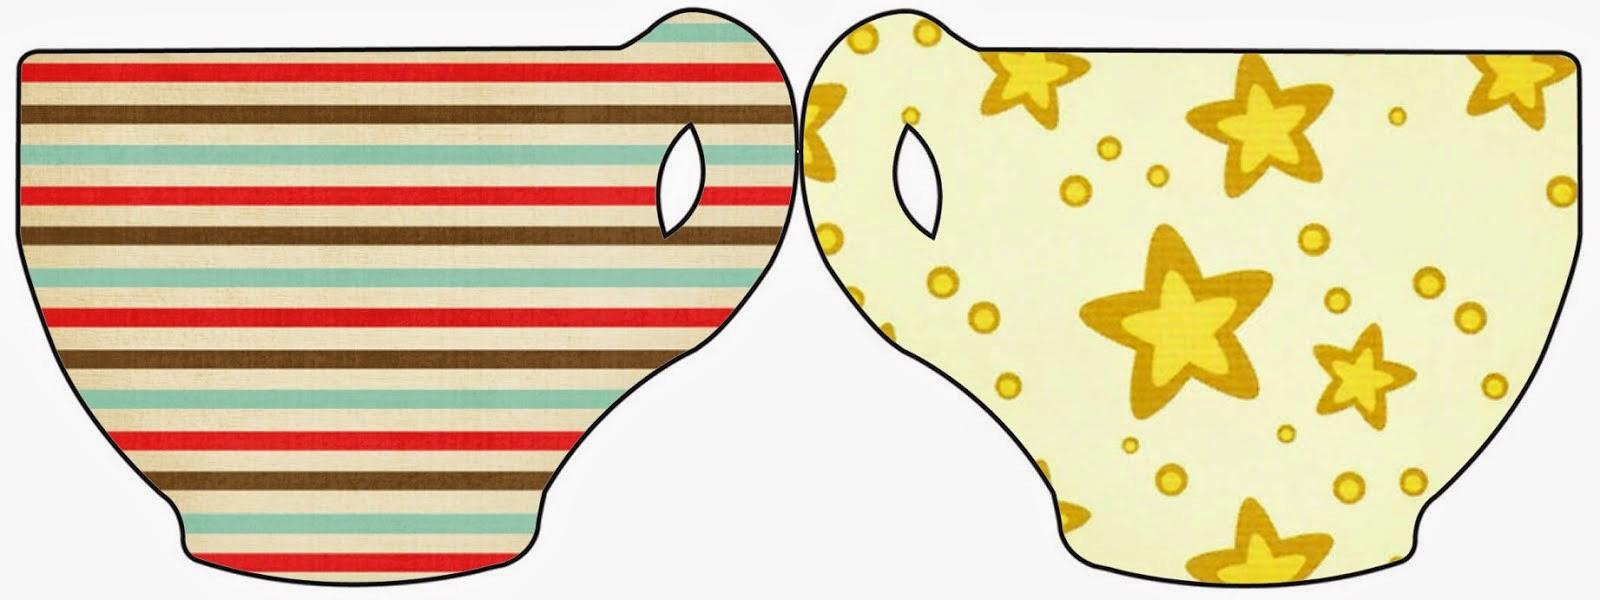 Tarjeta con forma de Taza de Estrellas Doradas y Rayas de Colores.